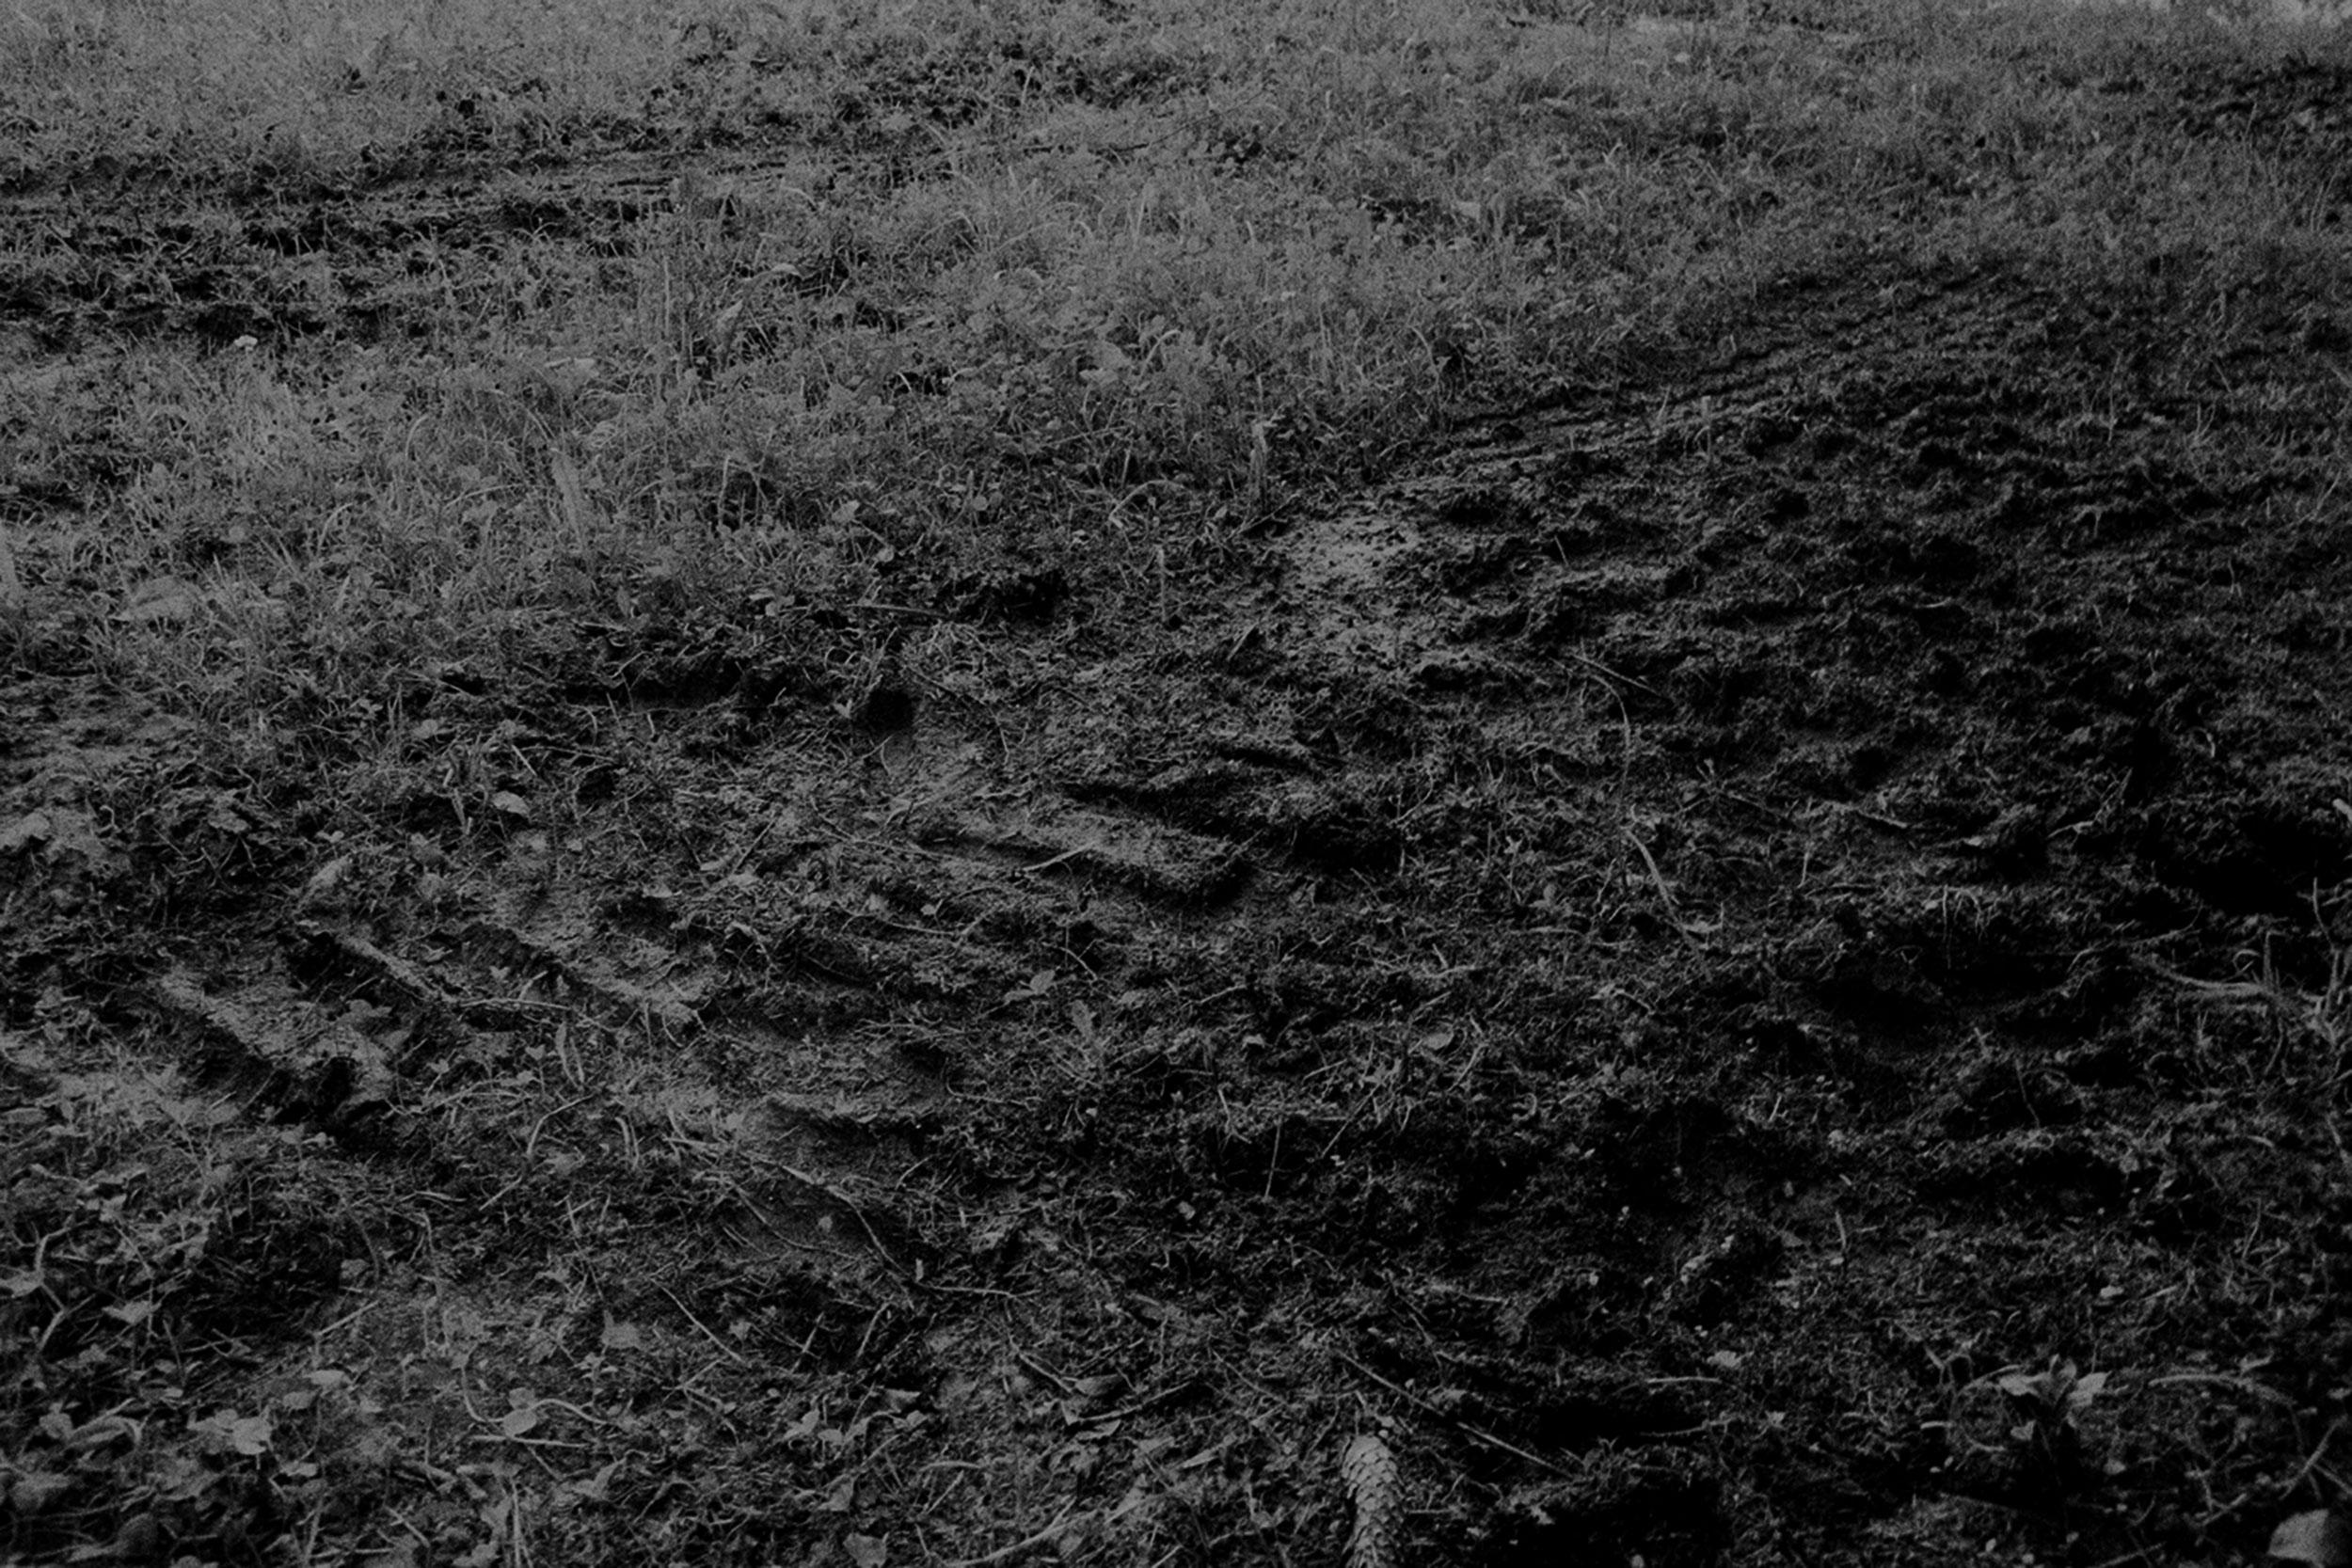 07_archiv_fotografie_meier_ueber_meier_weg.jpg